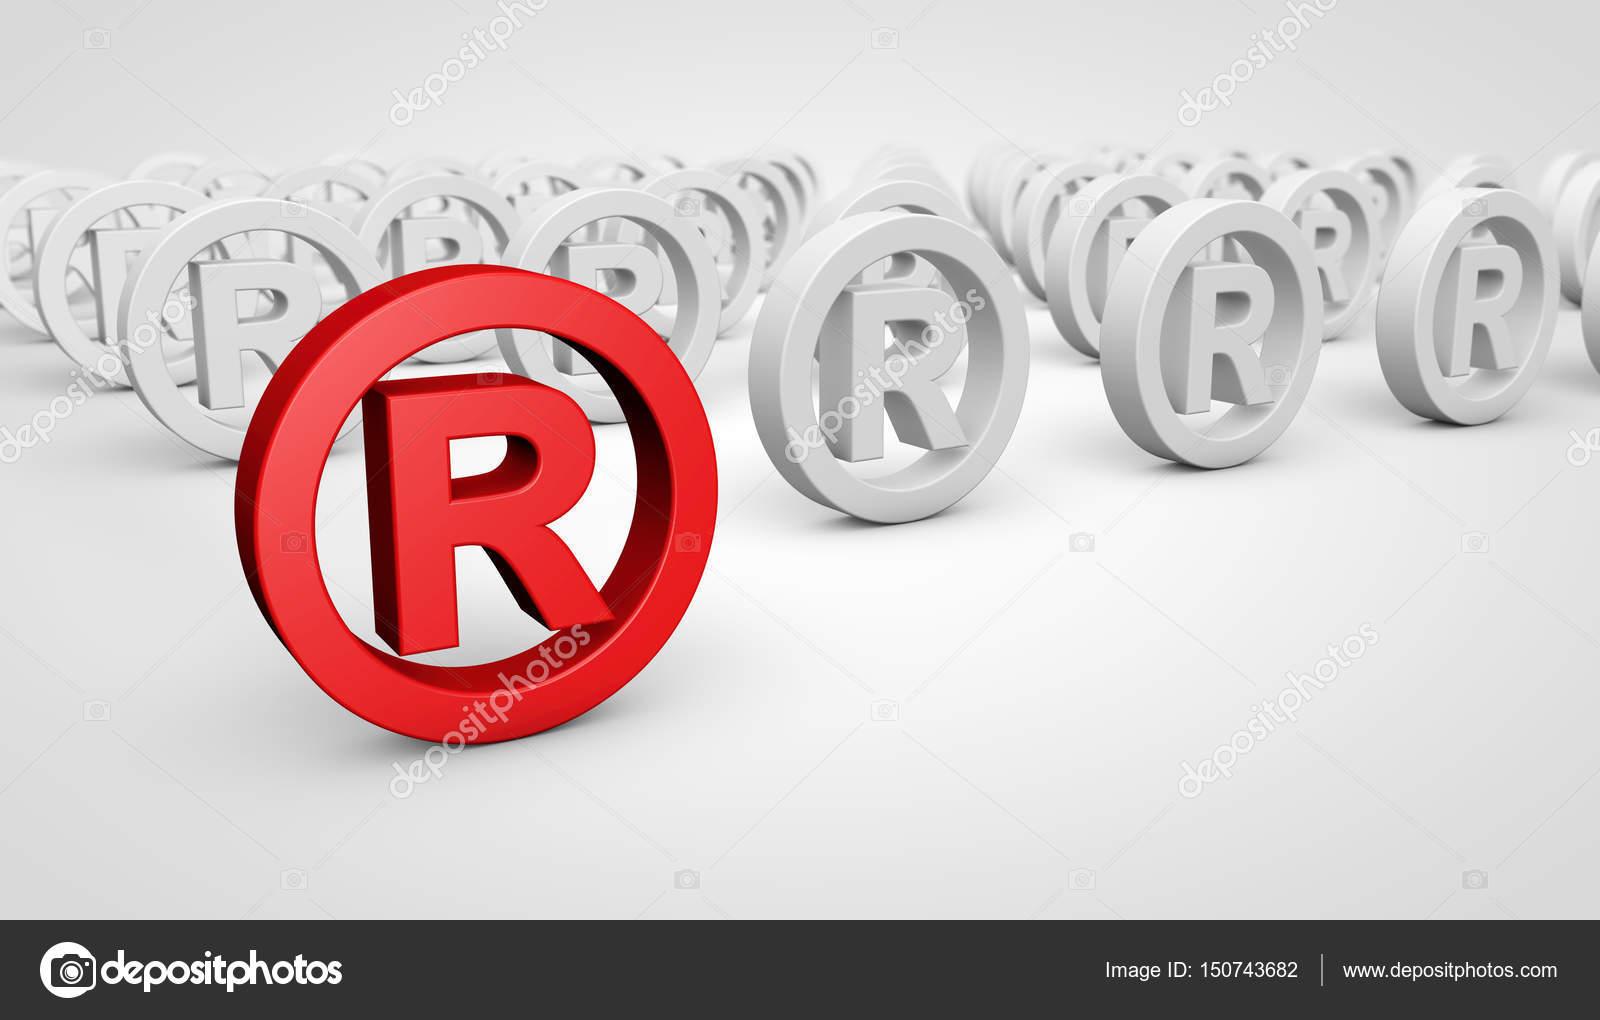 Business registered trademark symbol concept stock photo business registered trademark symbol concept stock photo biocorpaavc Gallery